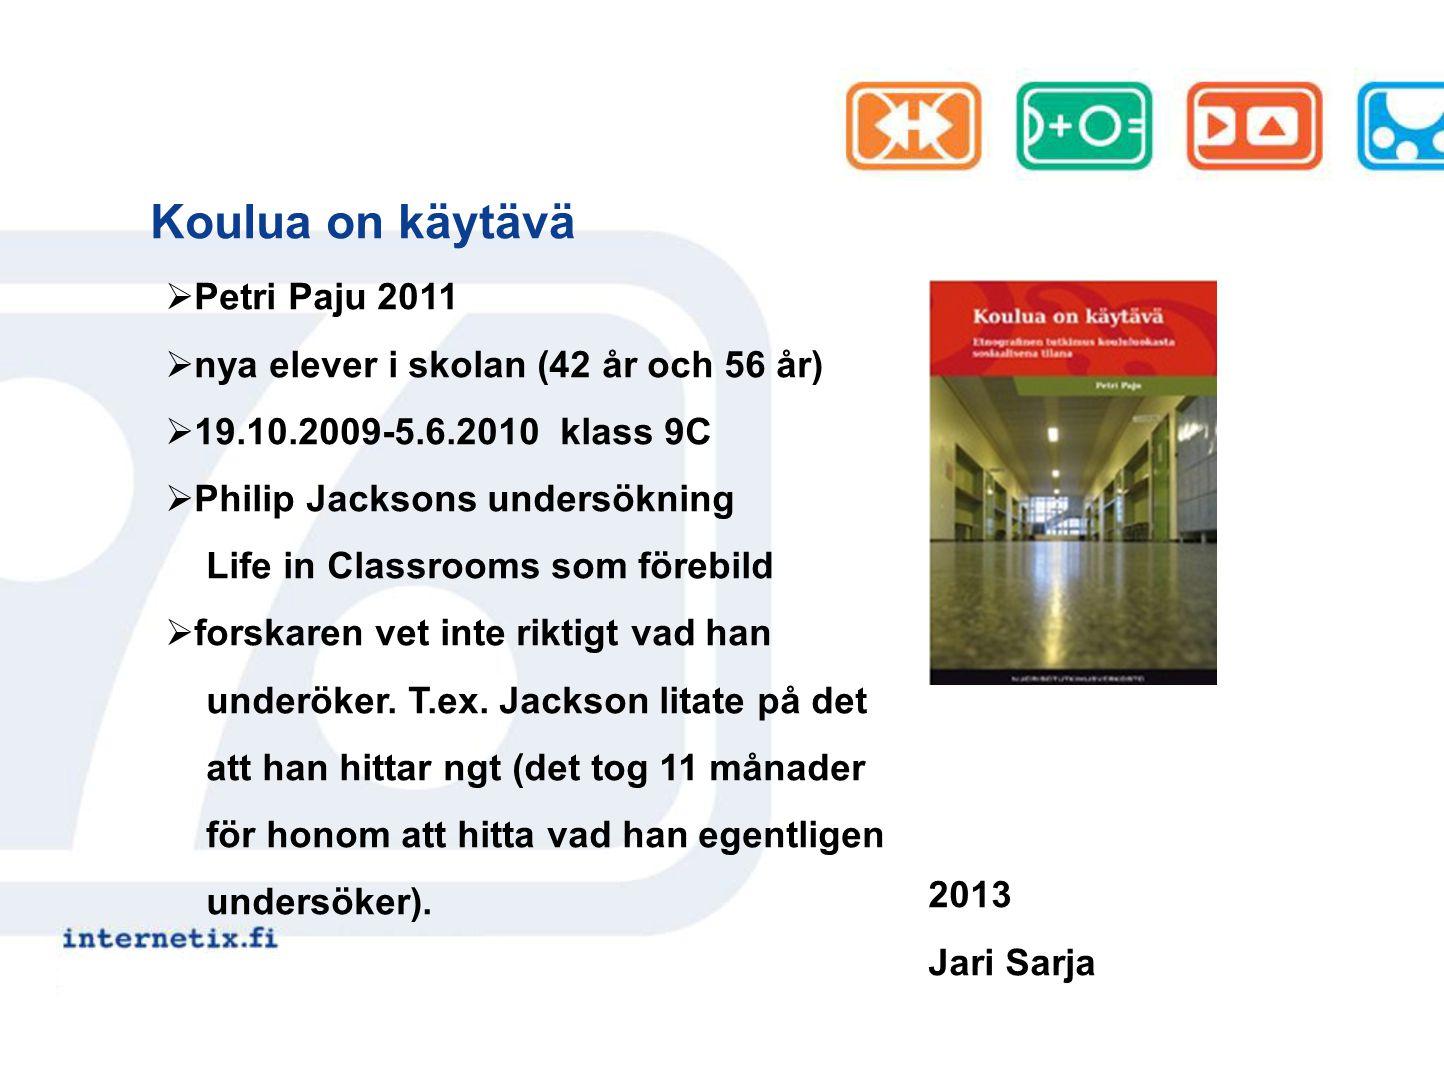 Koulua on käytävä 2013 Jari Sarja  Petri Paju 2011  nya elever i skolan (42 år och 56 år)  19.10.2009-5.6.2010 klass 9C  Philip Jacksons undersökning Life in Classrooms som förebild  forskaren vet inte riktigt vad han underöker.